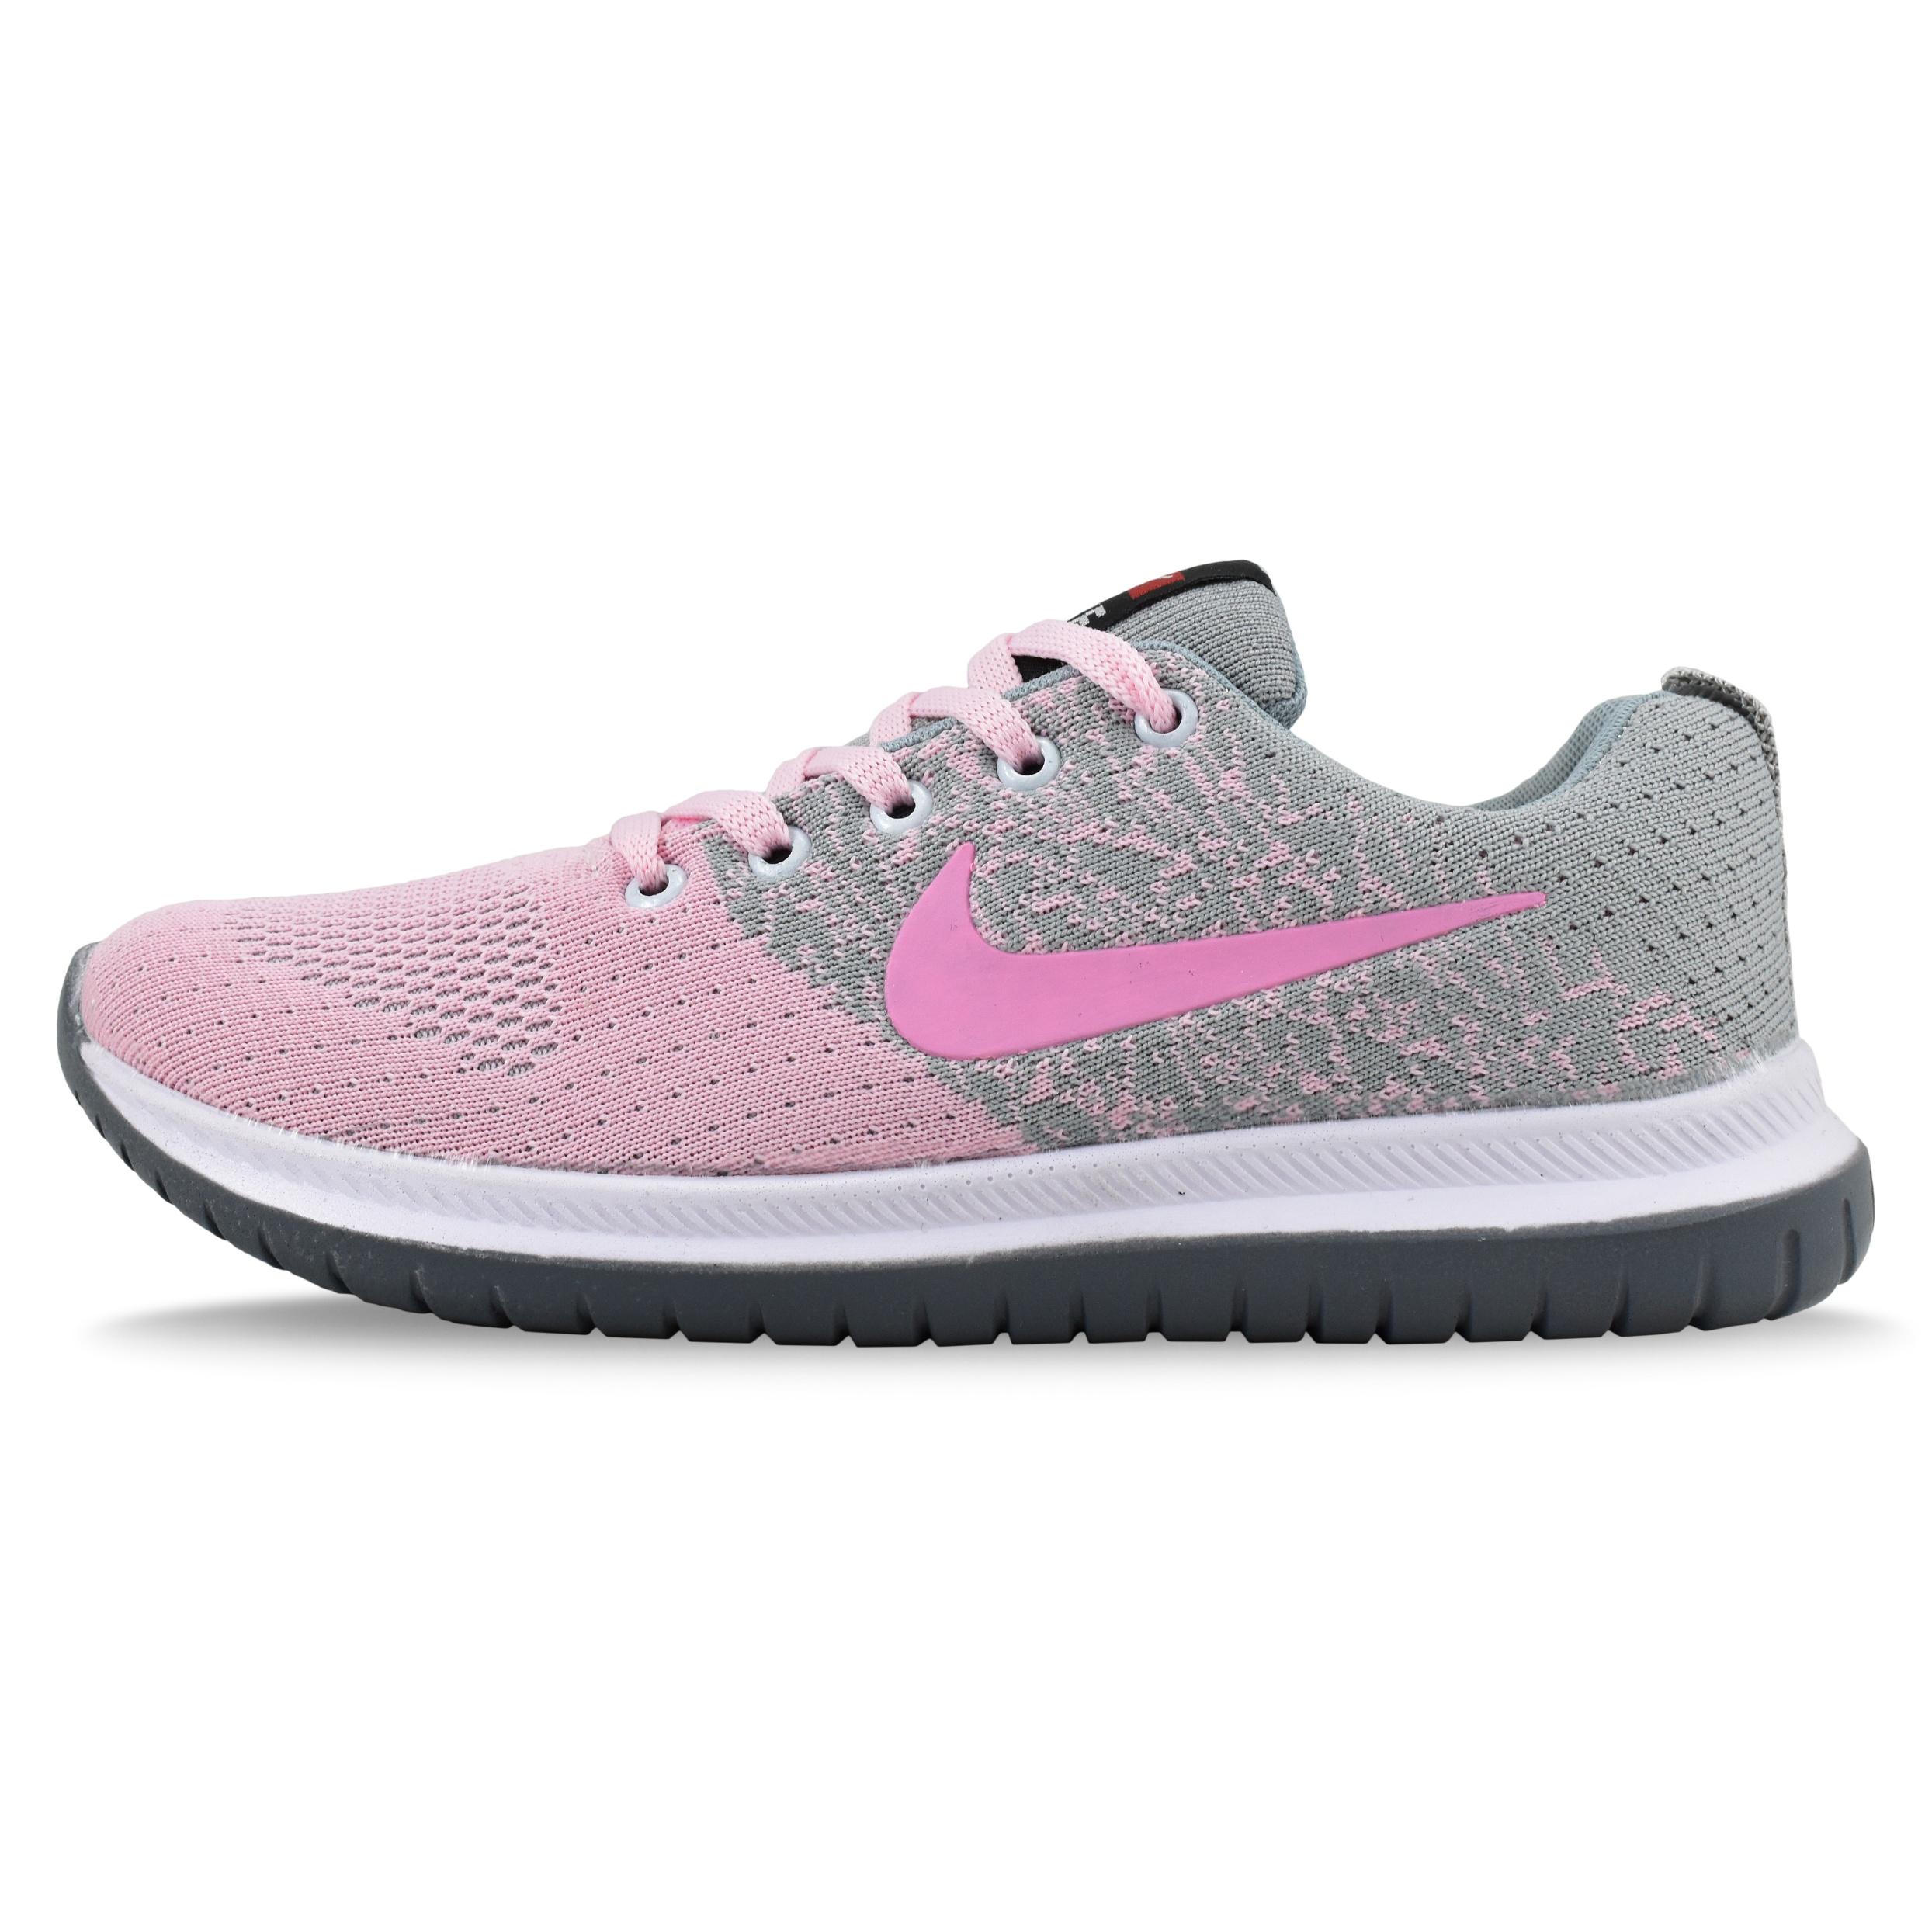 کفش مخصوص پیاده روی زنانه مدل مهرپا کد 4573